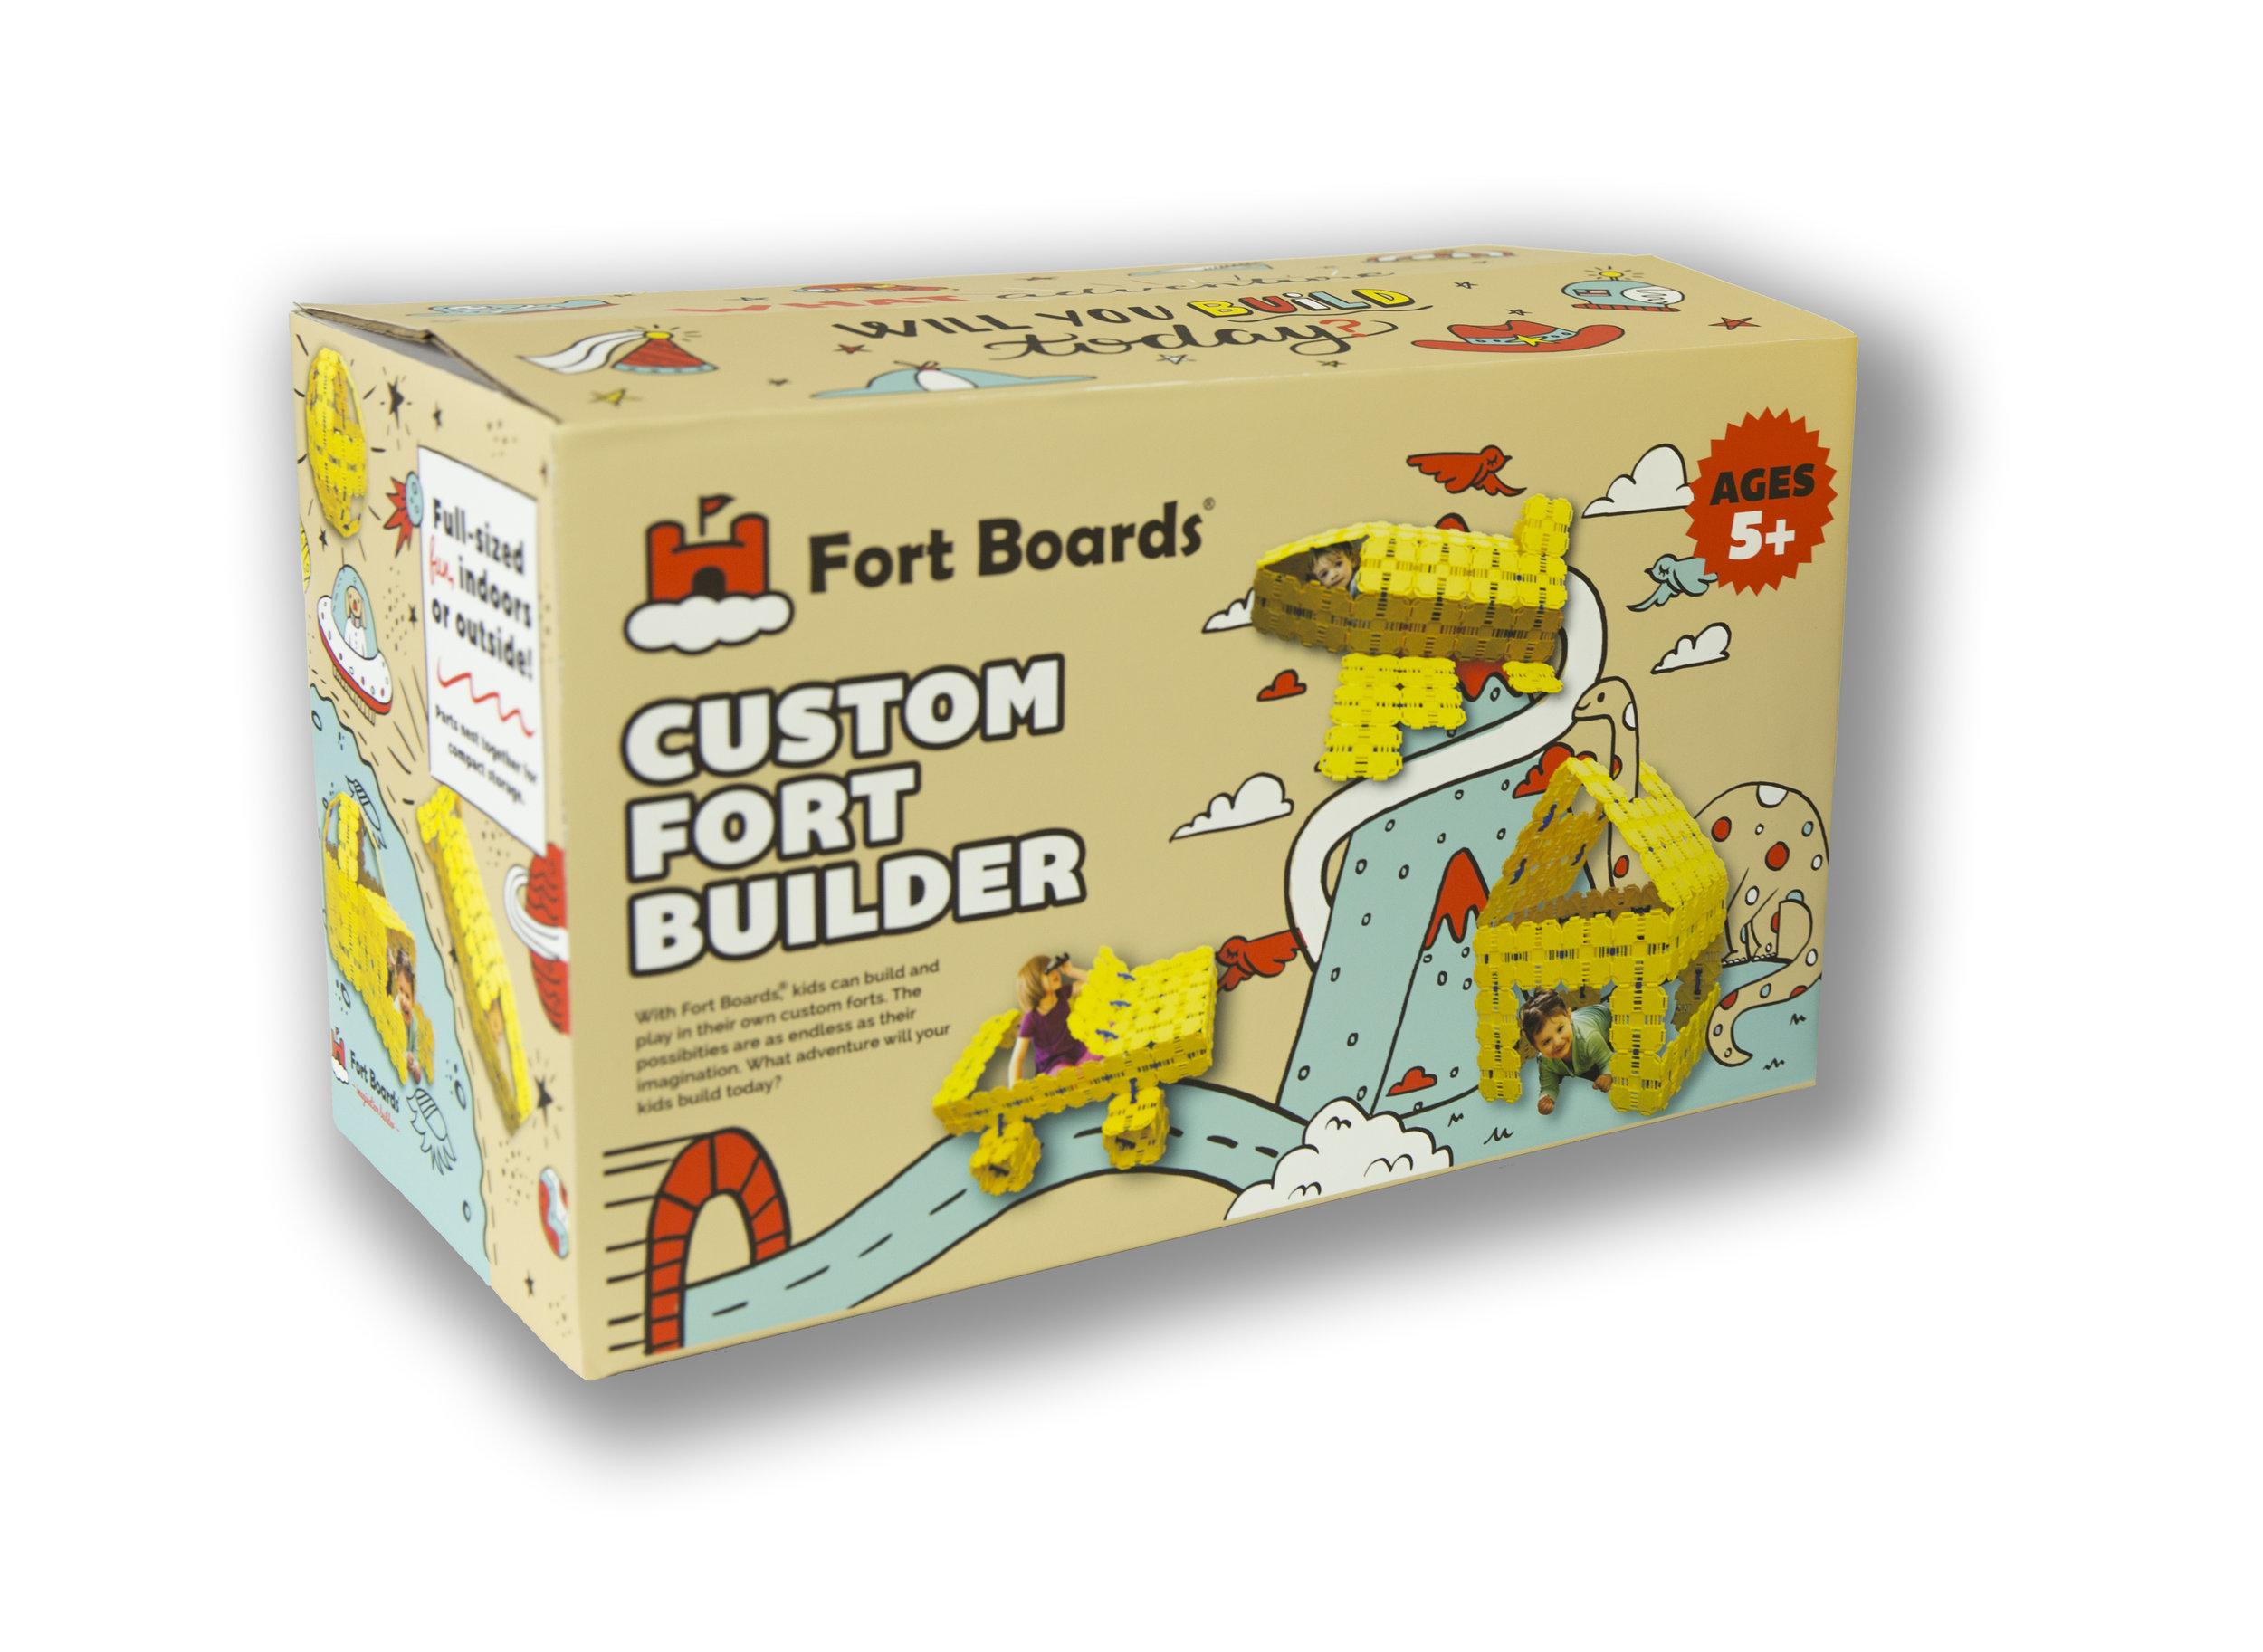 Fort Boards - Fort Building Kit